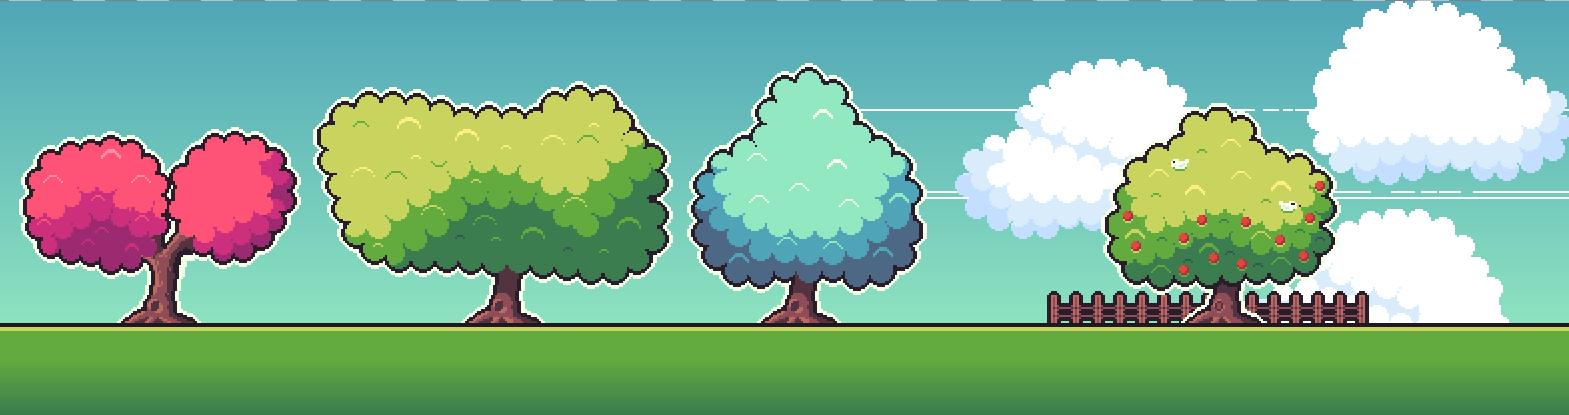 250 Pixel Art Clouds & Tree Tops